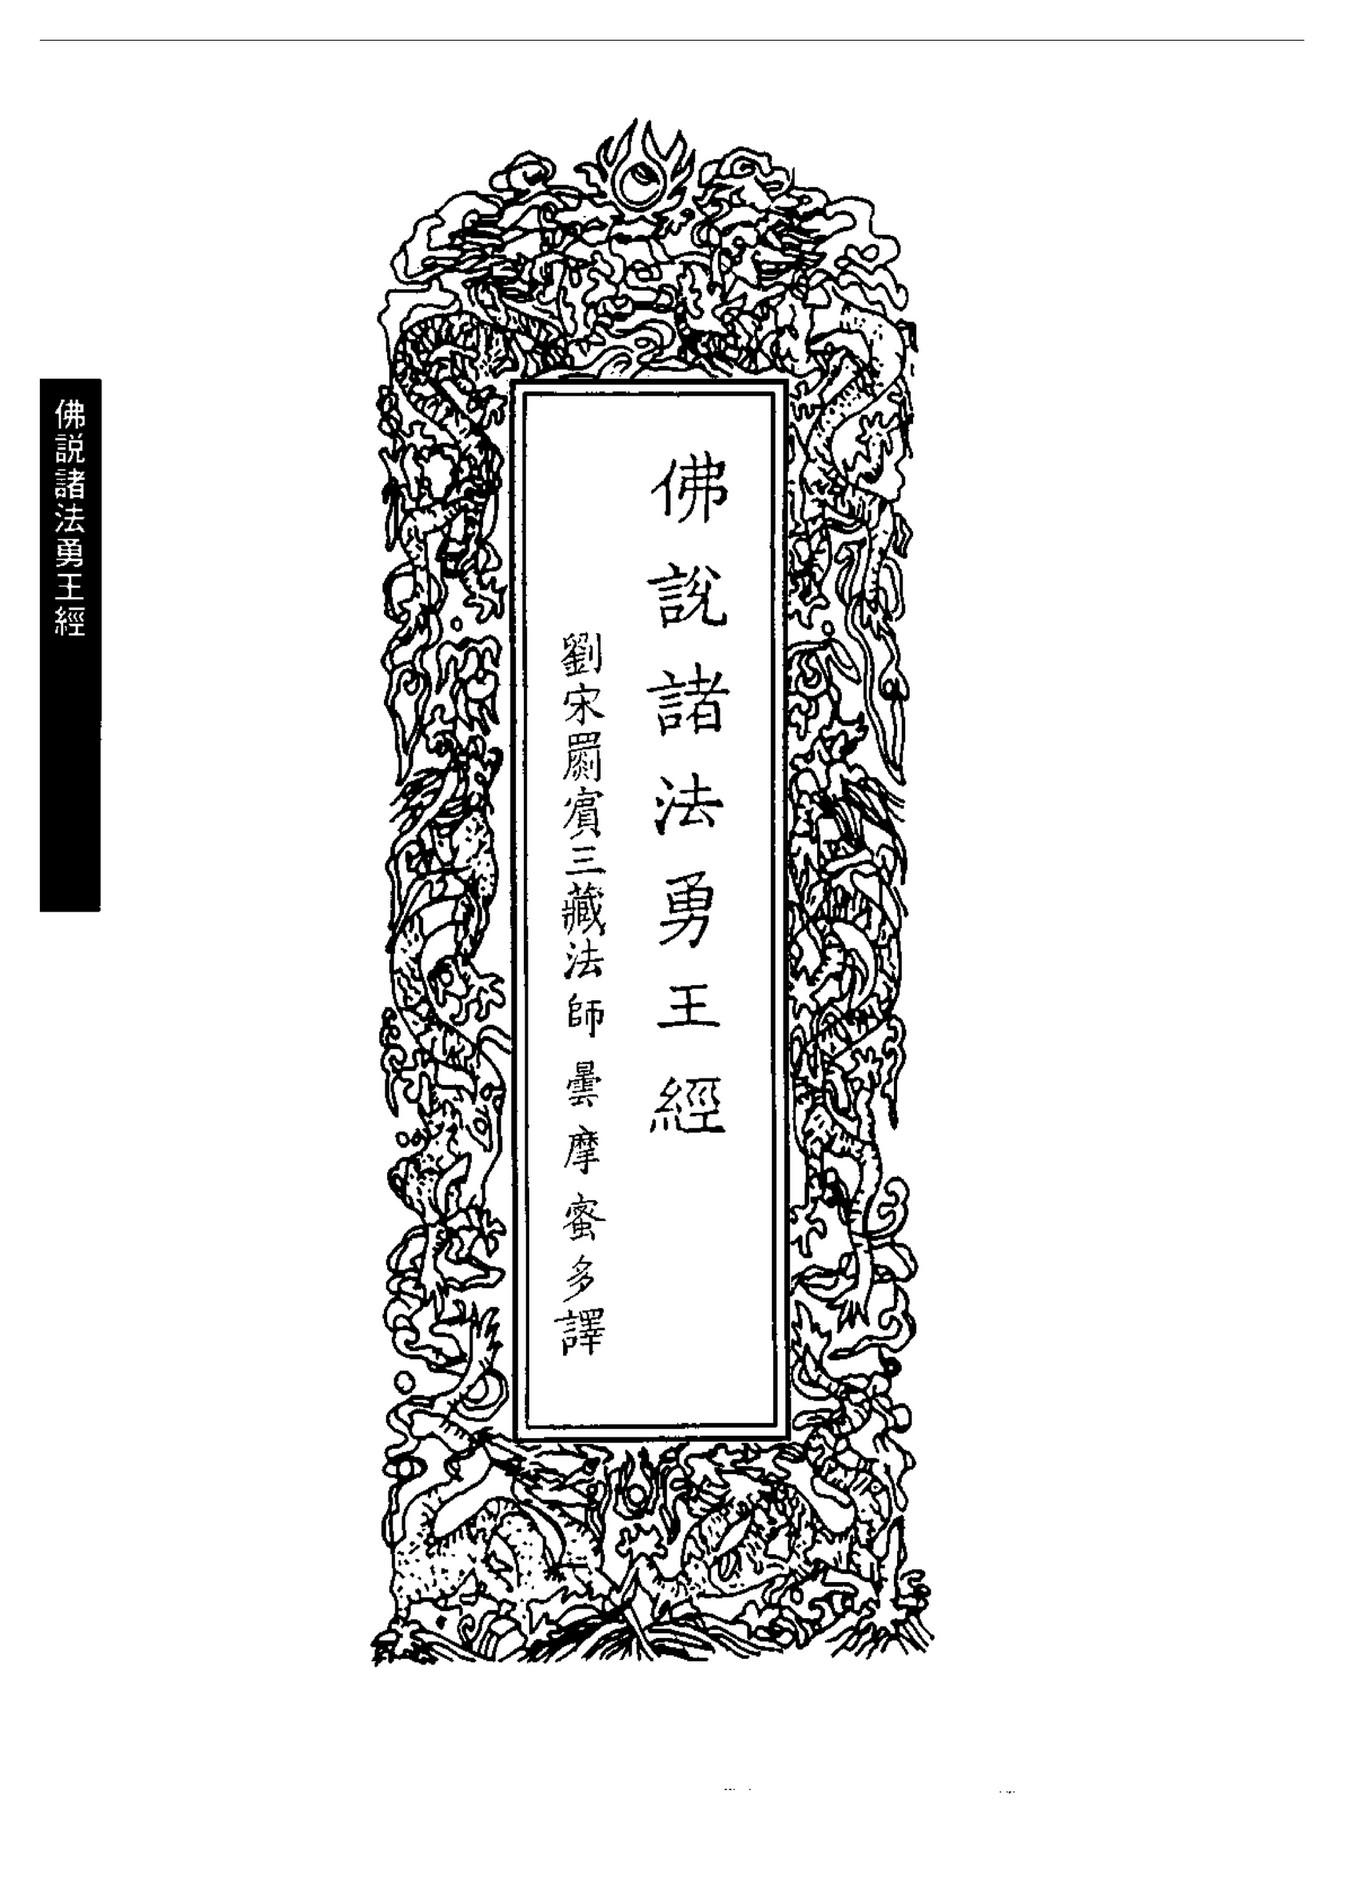 linhson - 209 大乘五大部外 佛說諸法勇王經 -乾隆大藏經第38冊 - 頁面 2-3 - Created with Publitas.com